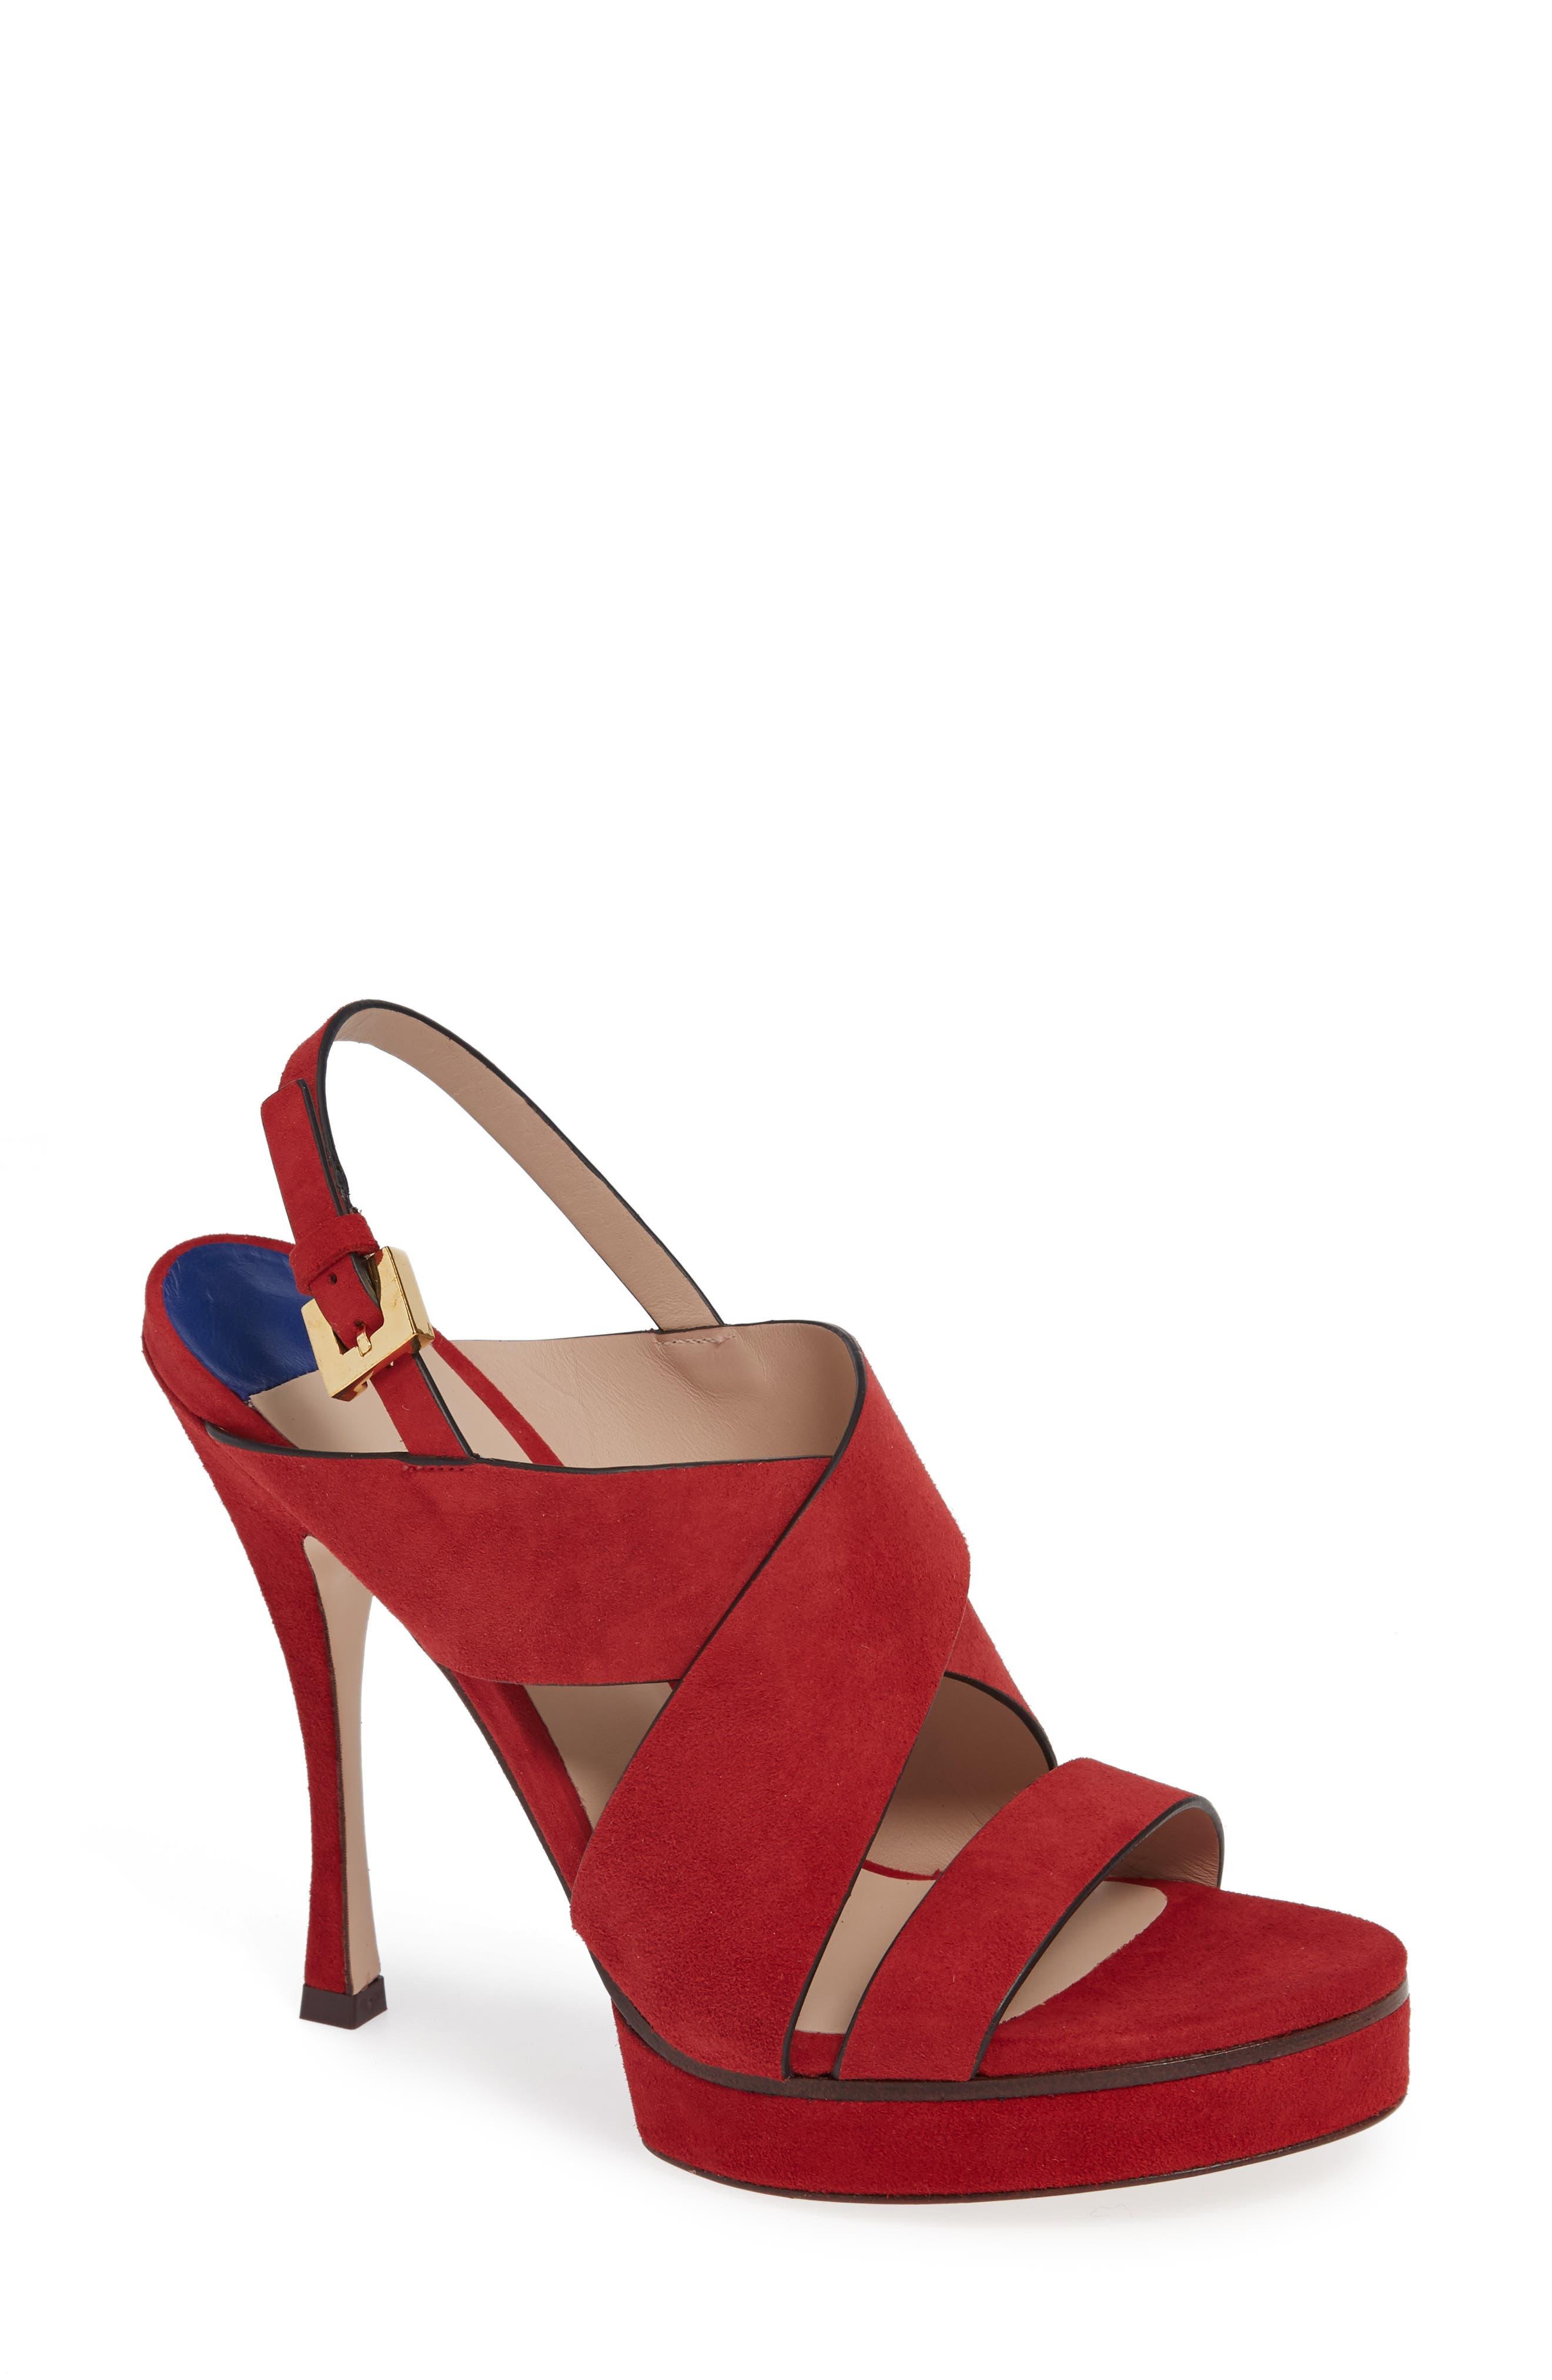 Stuart Weitzman Hester Cross Strap Sandal- Red